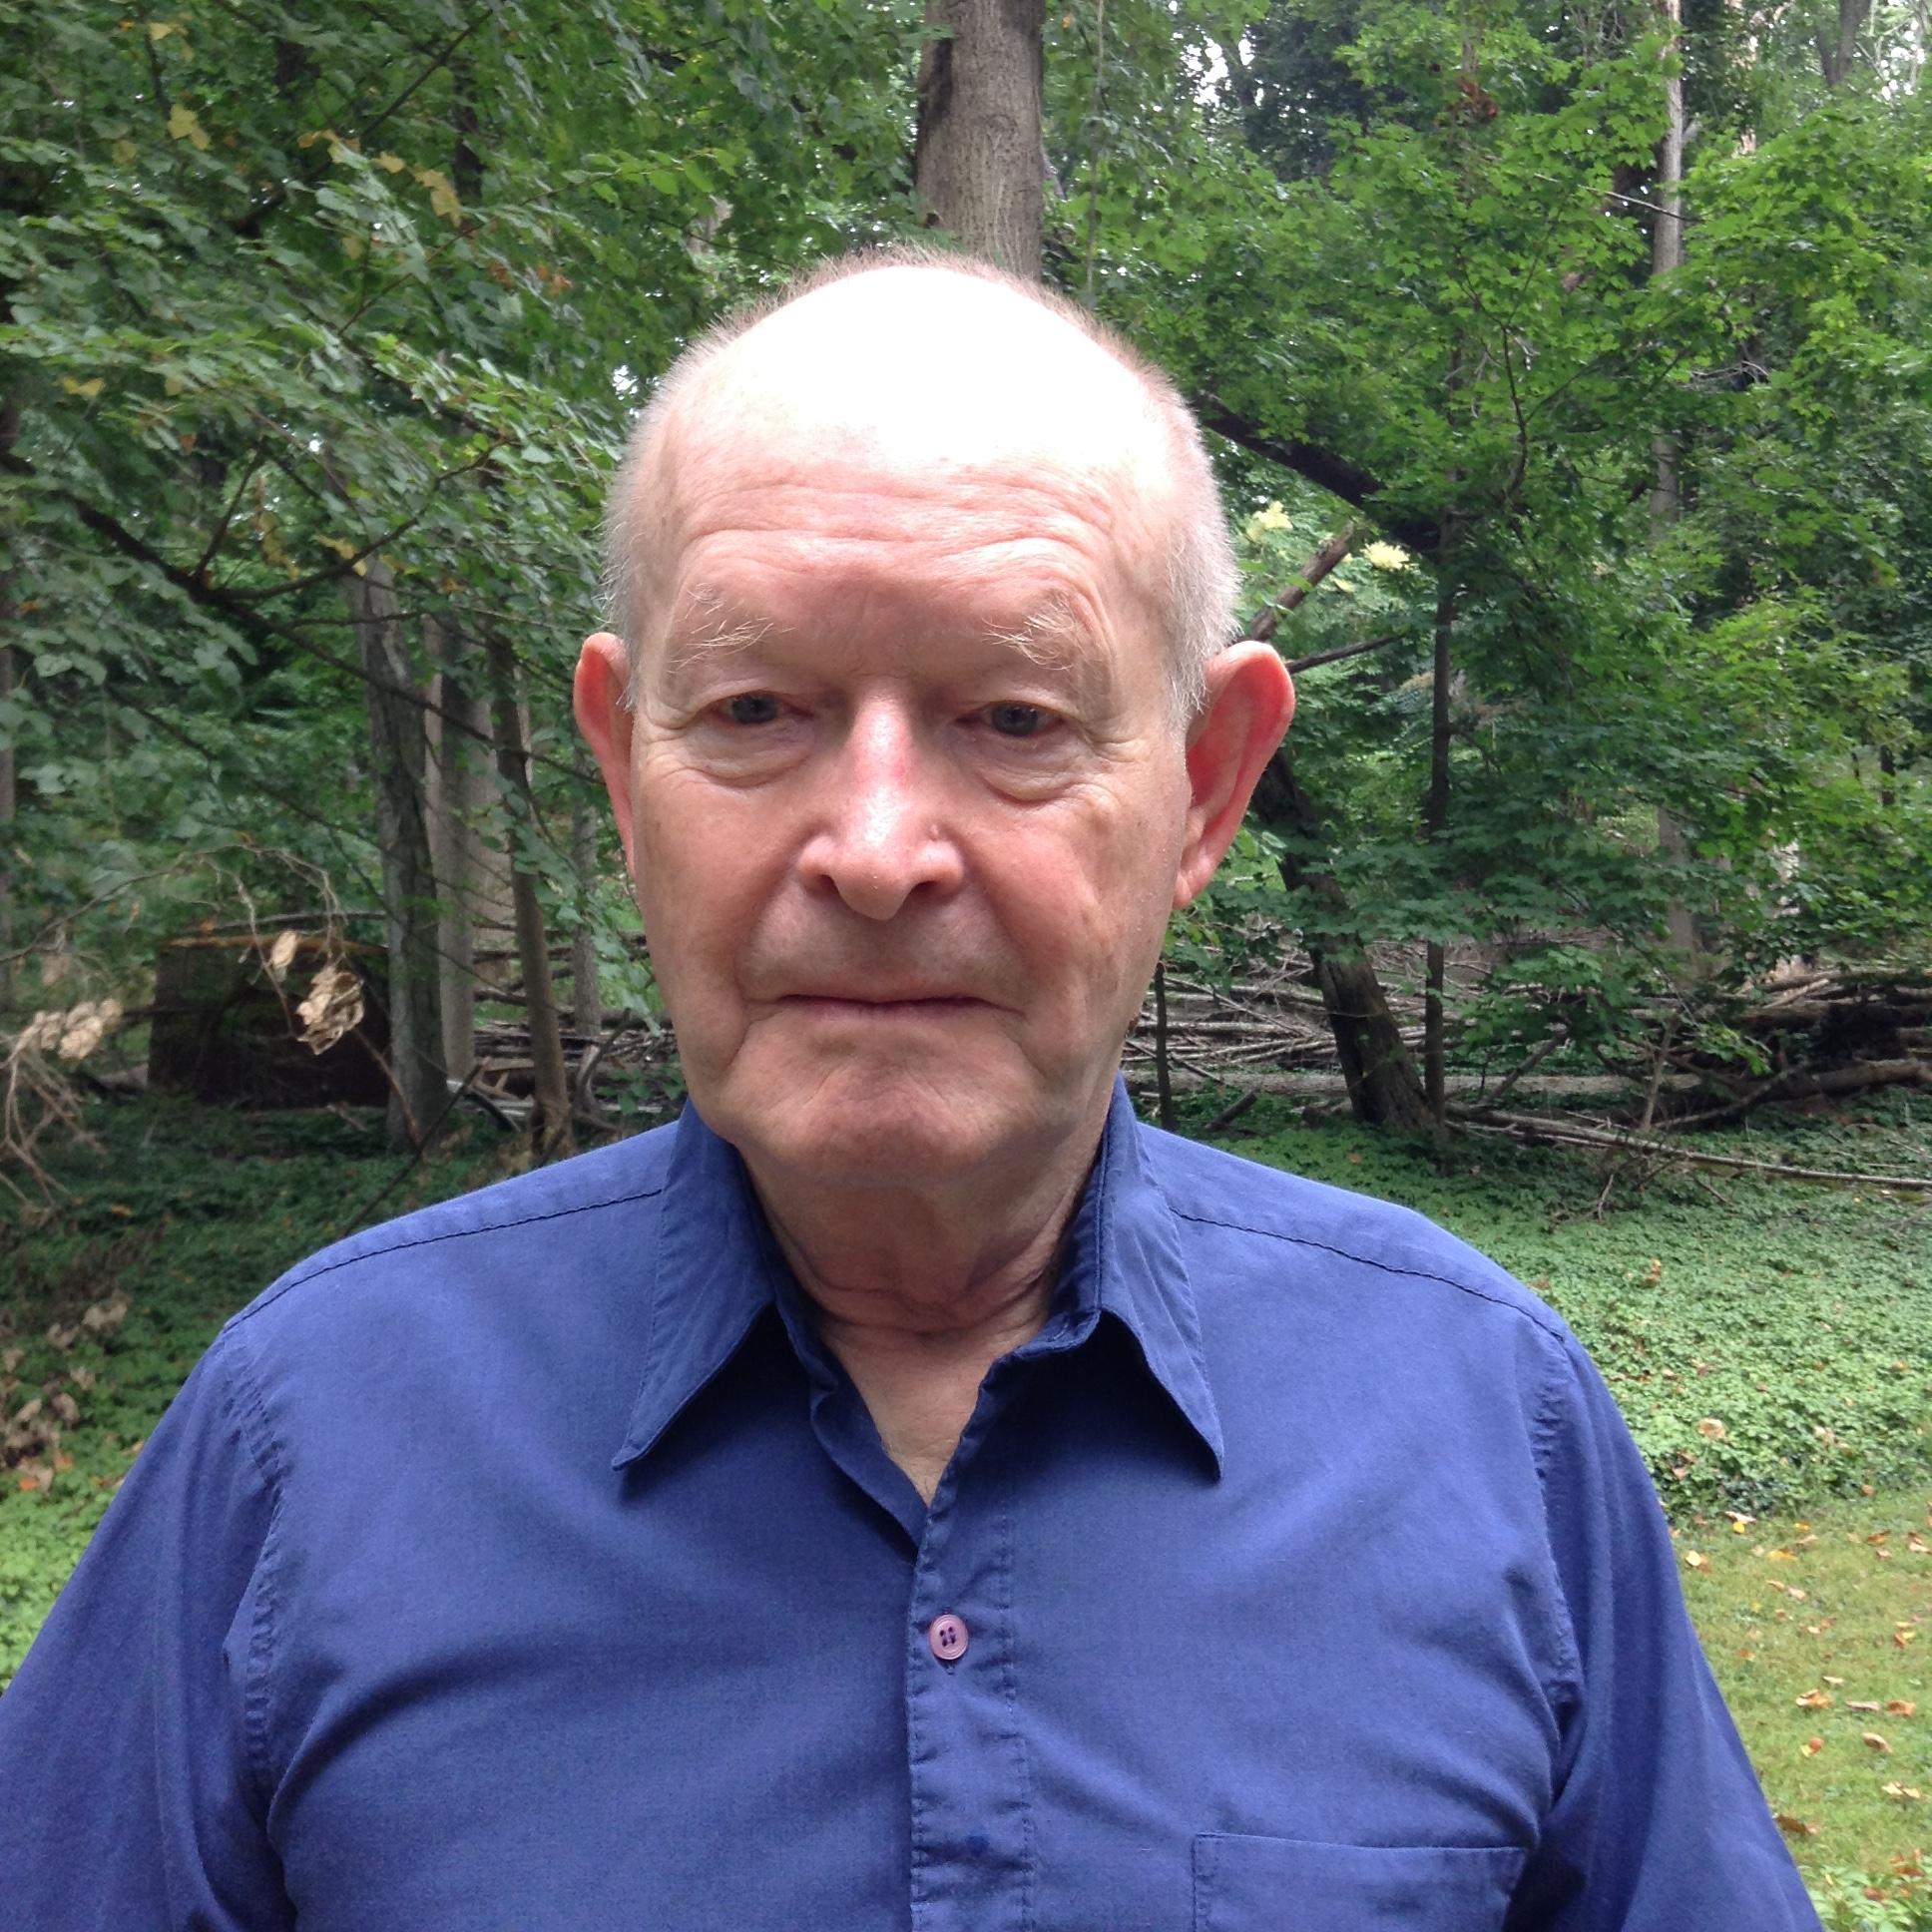 Paul Sohar